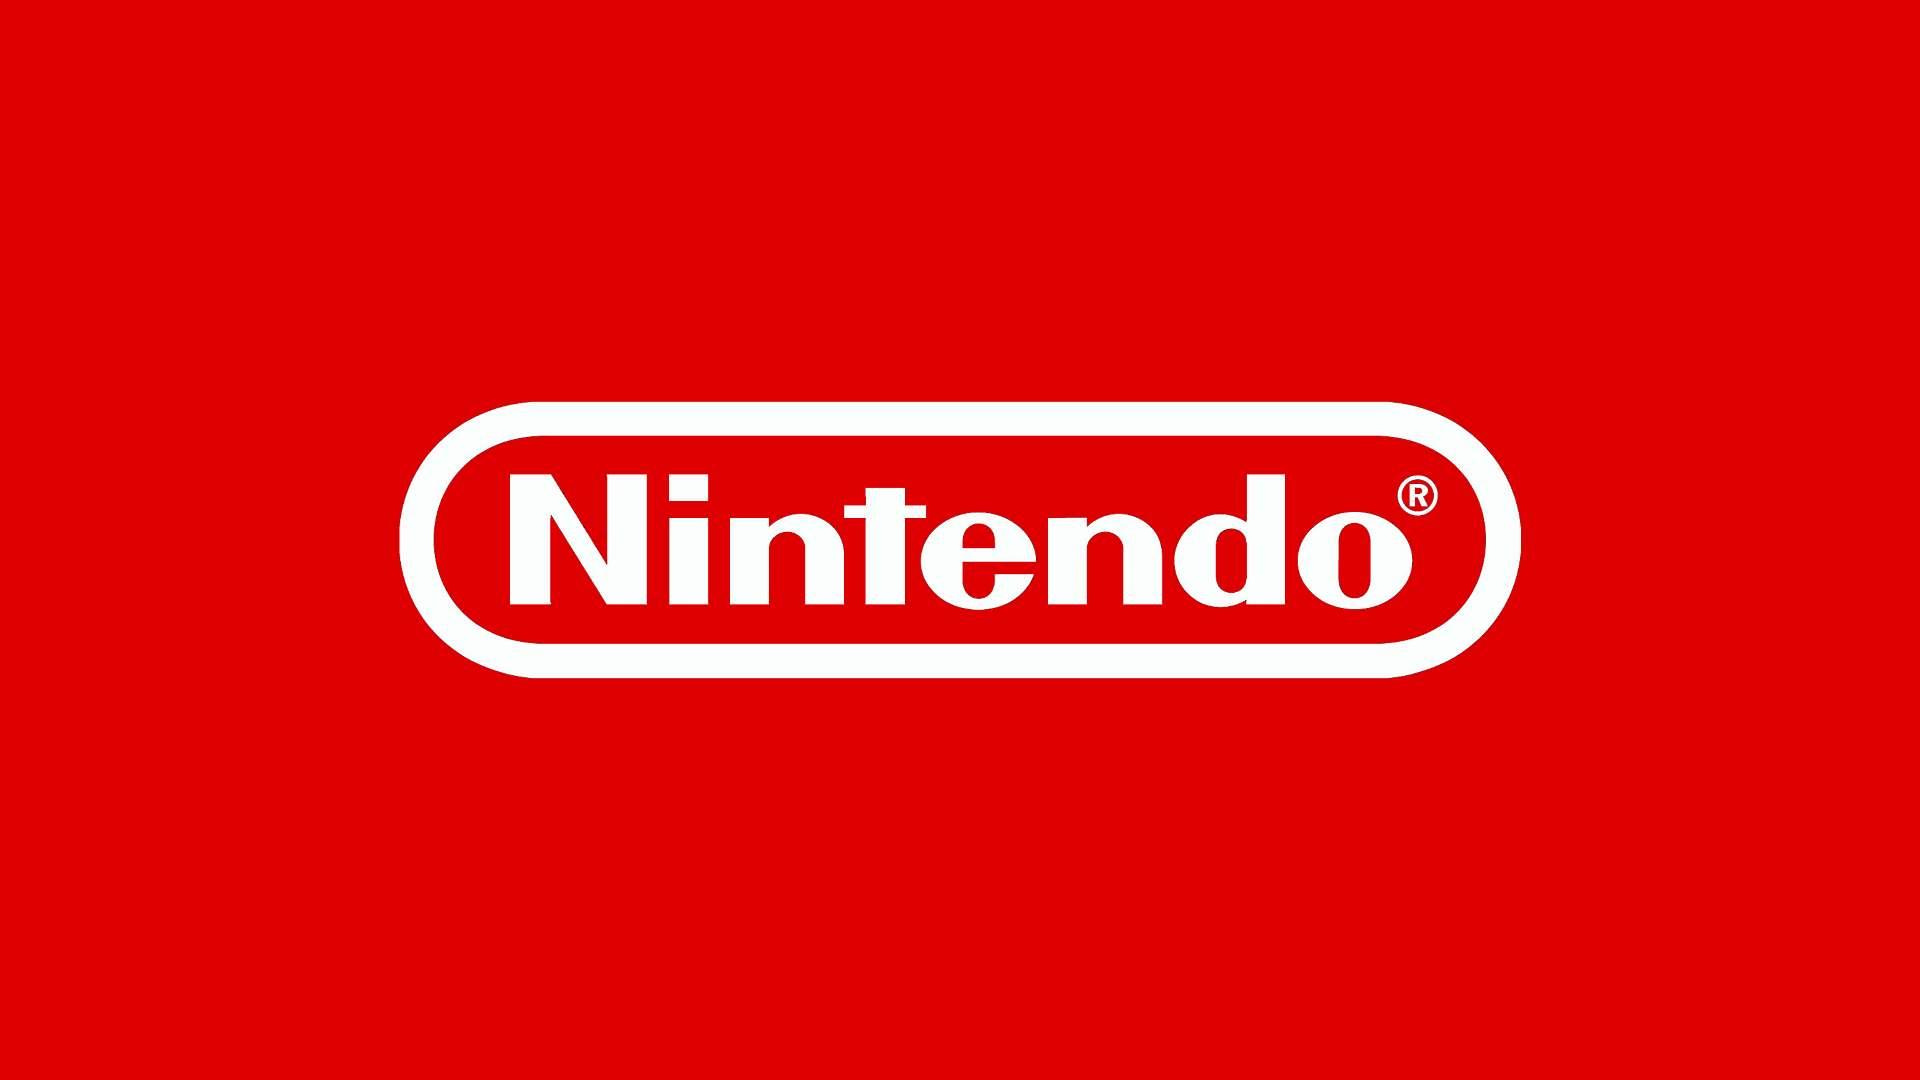 曝NS日本销量已超Wii,所用销售时间仅为后者一半